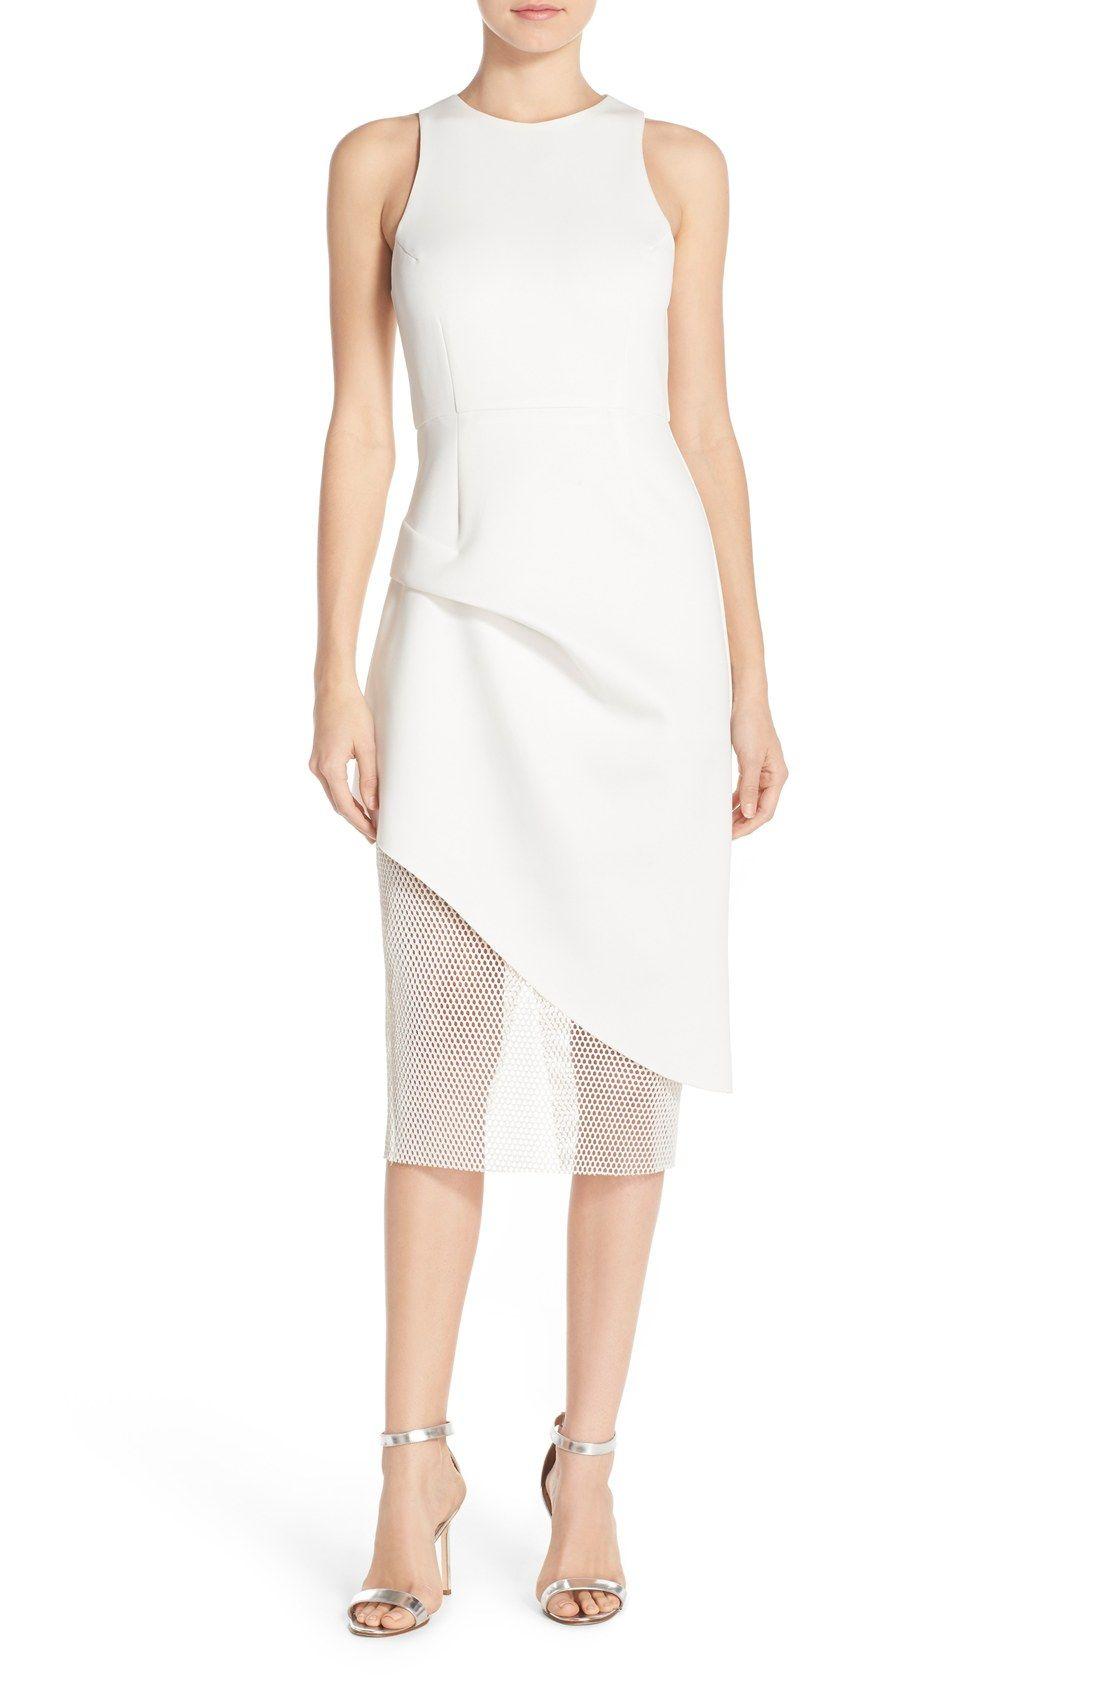 Elliatt Tiered Stretch Midi Dress Nordstrom Stretch Midi Dress Dresses White Dresses For Women [ 1687 x 1100 Pixel ]